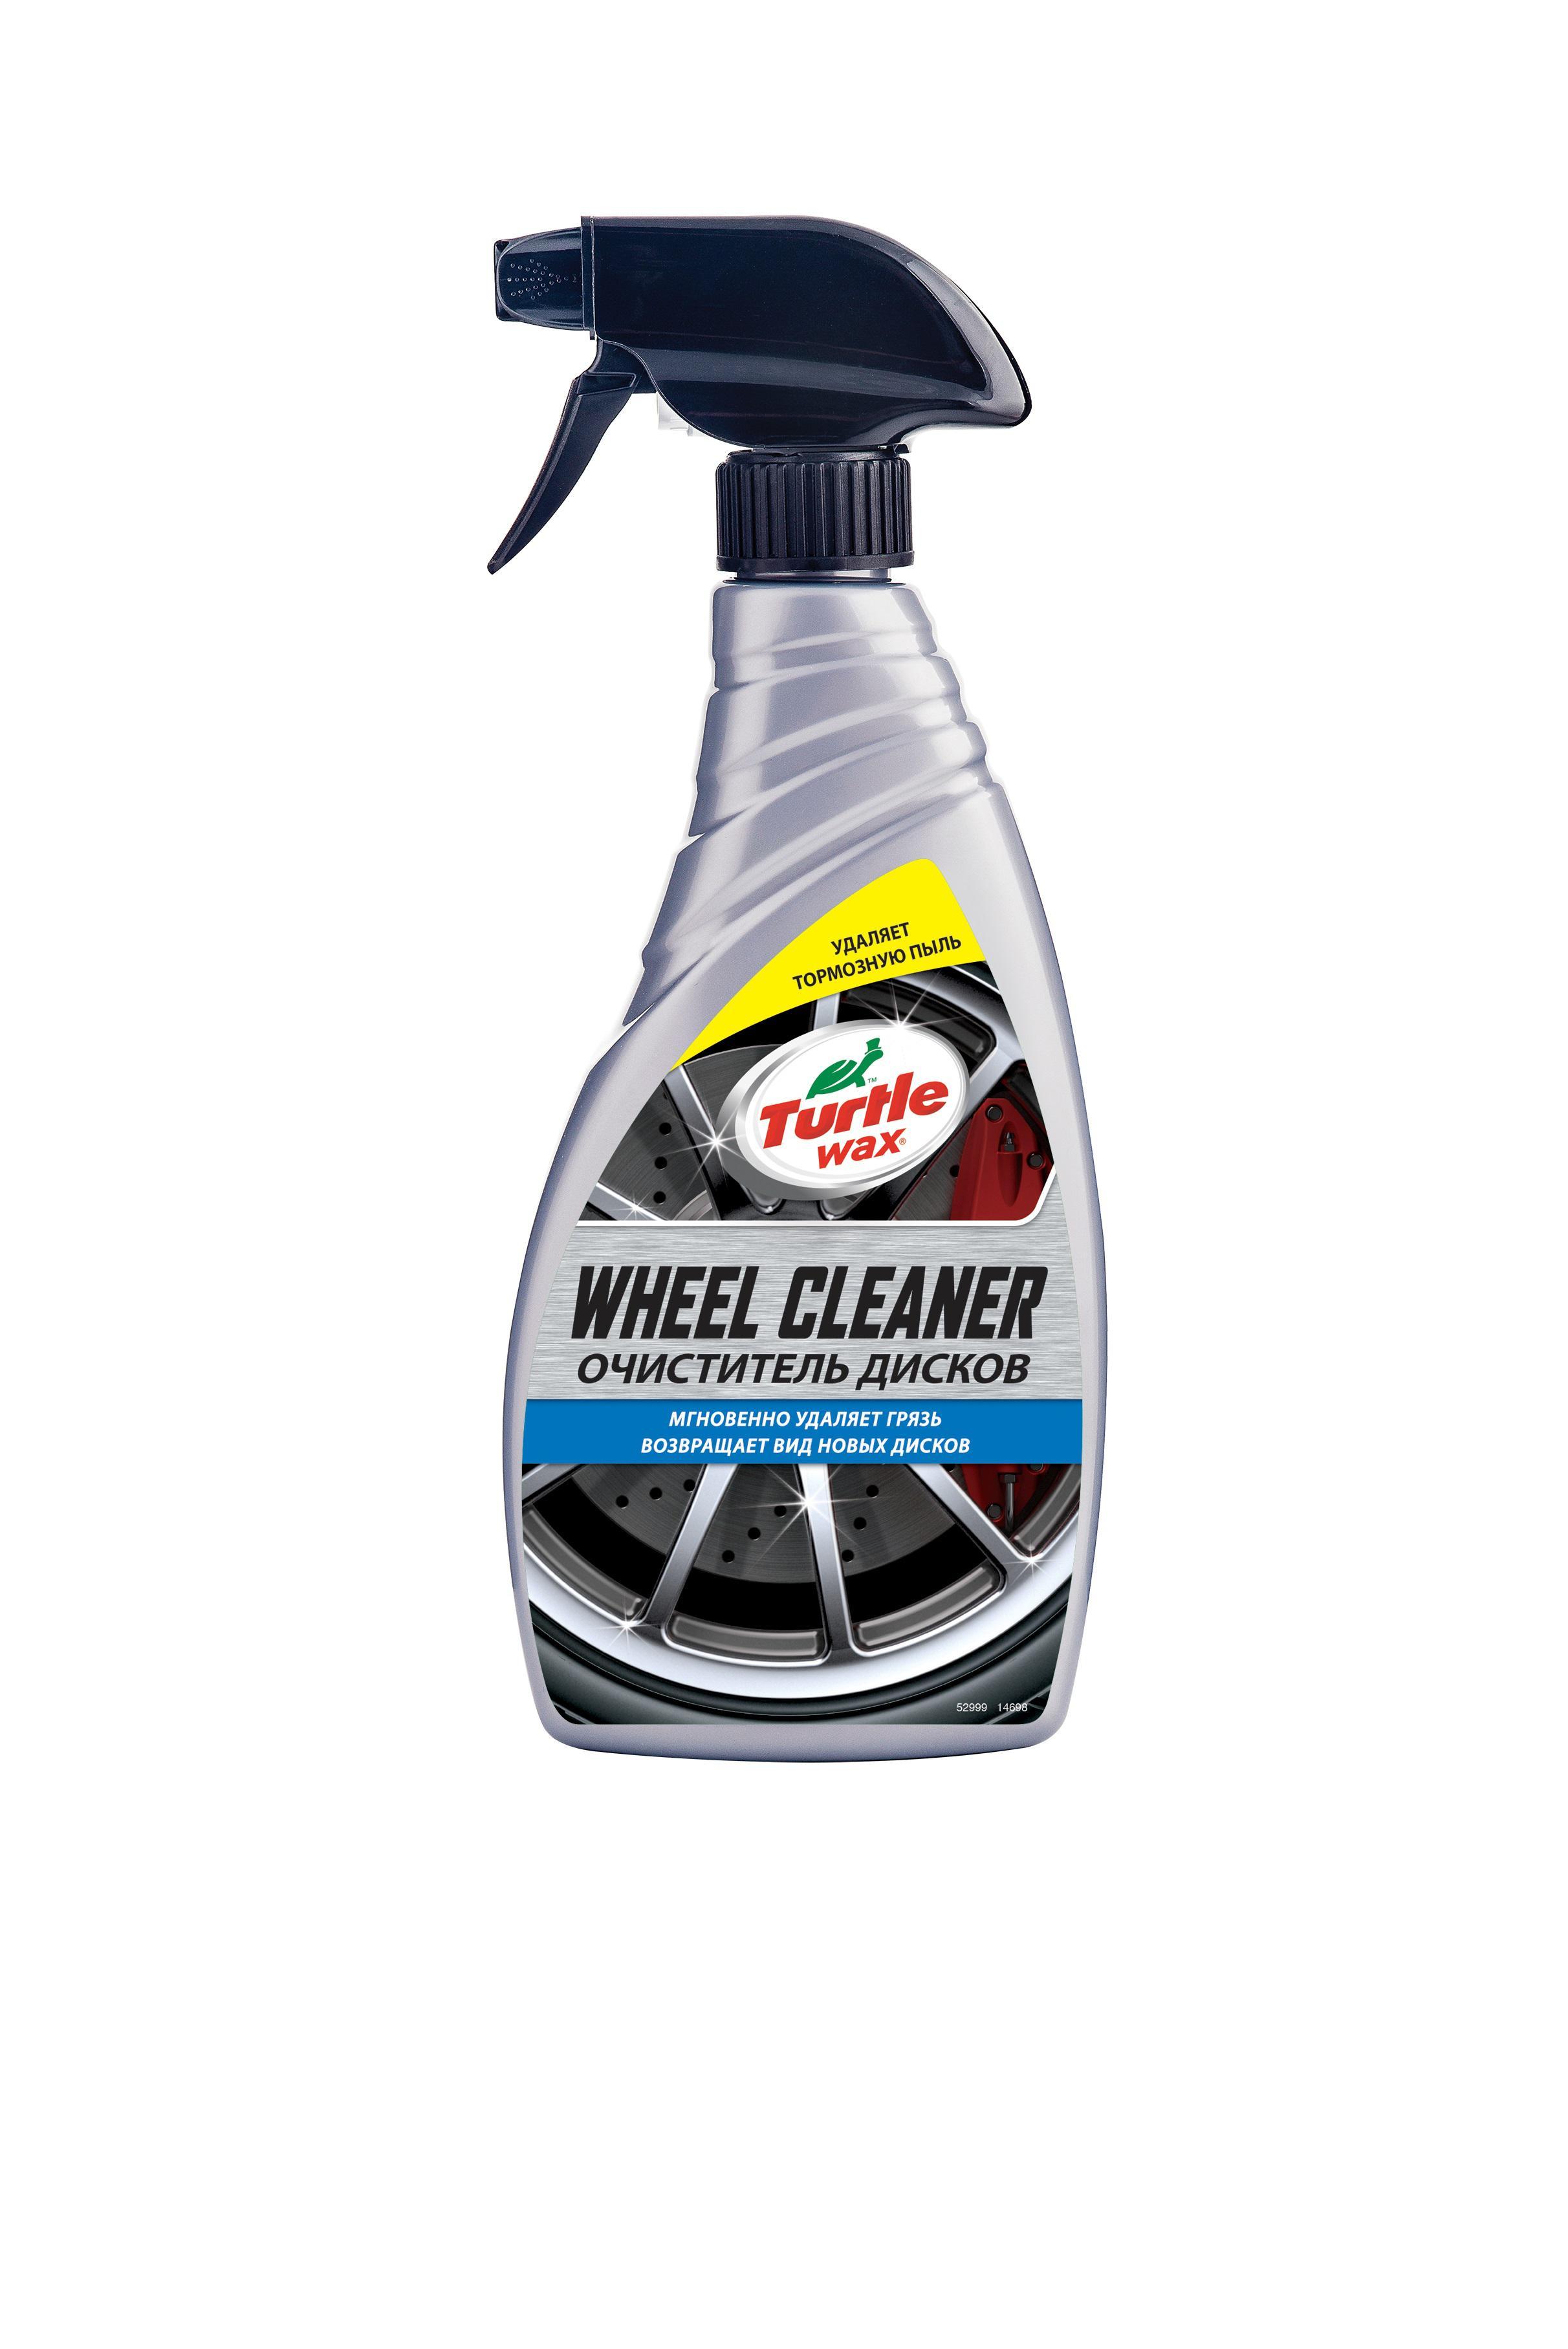 цена на Очиститель Turtle wax Fg6521